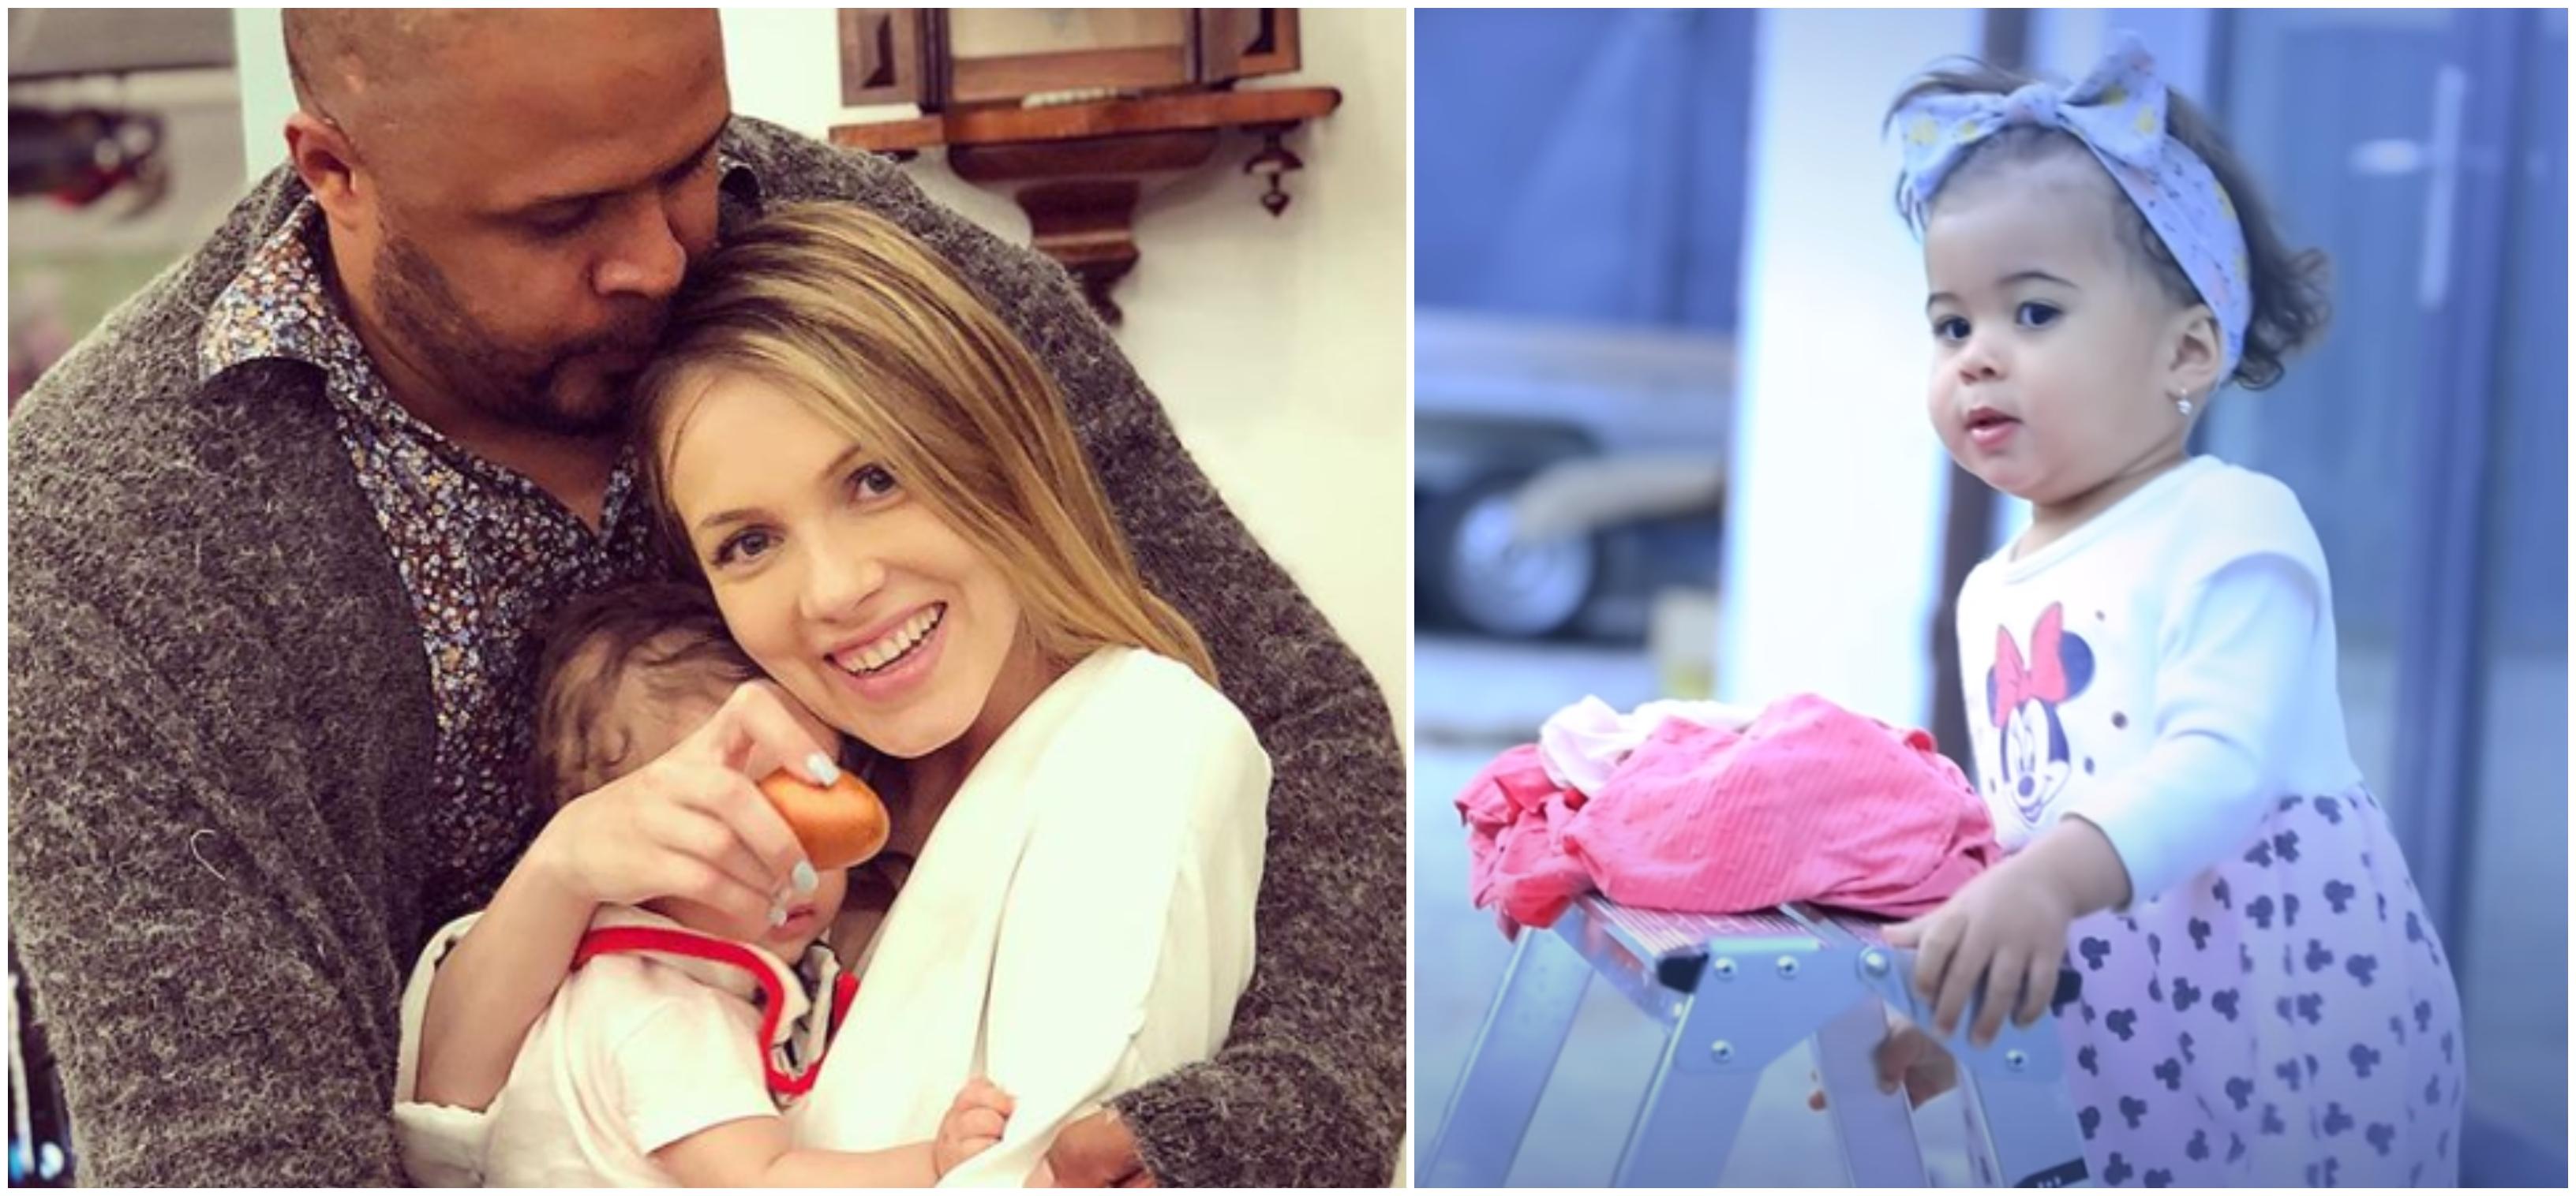 Cabral și Andreea Ibacka nu mai ascund chipul fetiței lor! Cât de frumoasă e Namiko și cu cine seamănă VIDEO | Demamici.ro